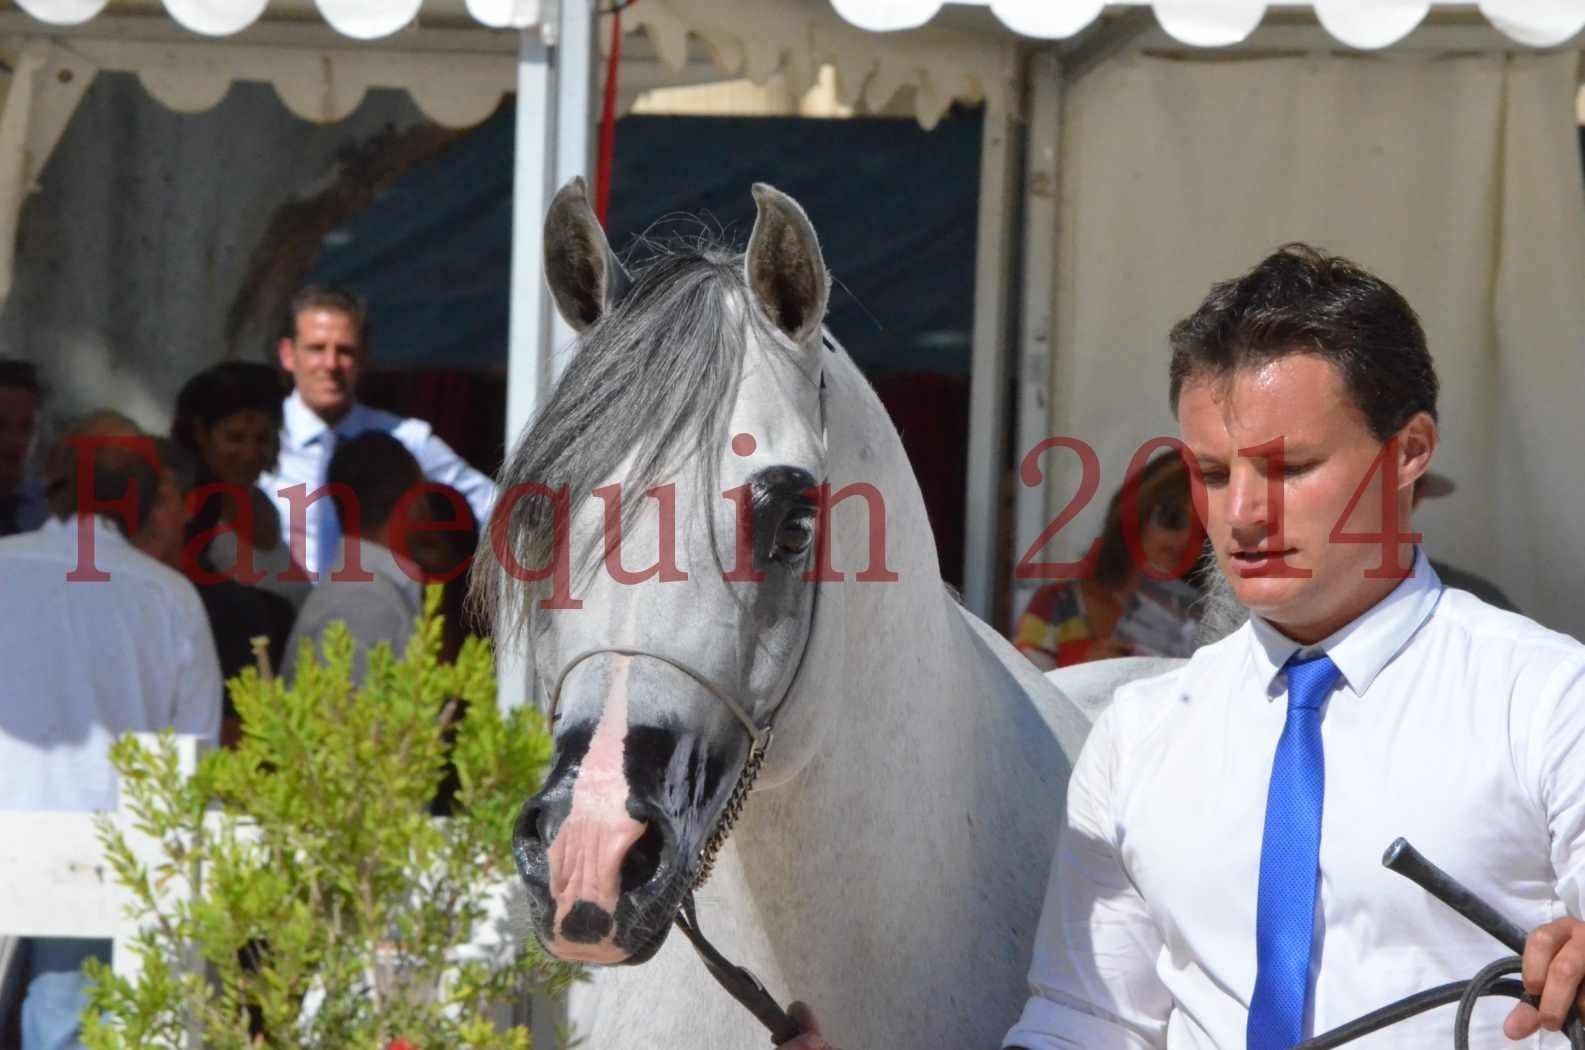 Concours National de Nîmes de chevaux ARABES 2014 - Sélection - SHAOLIN DE NEDJAIA - 75